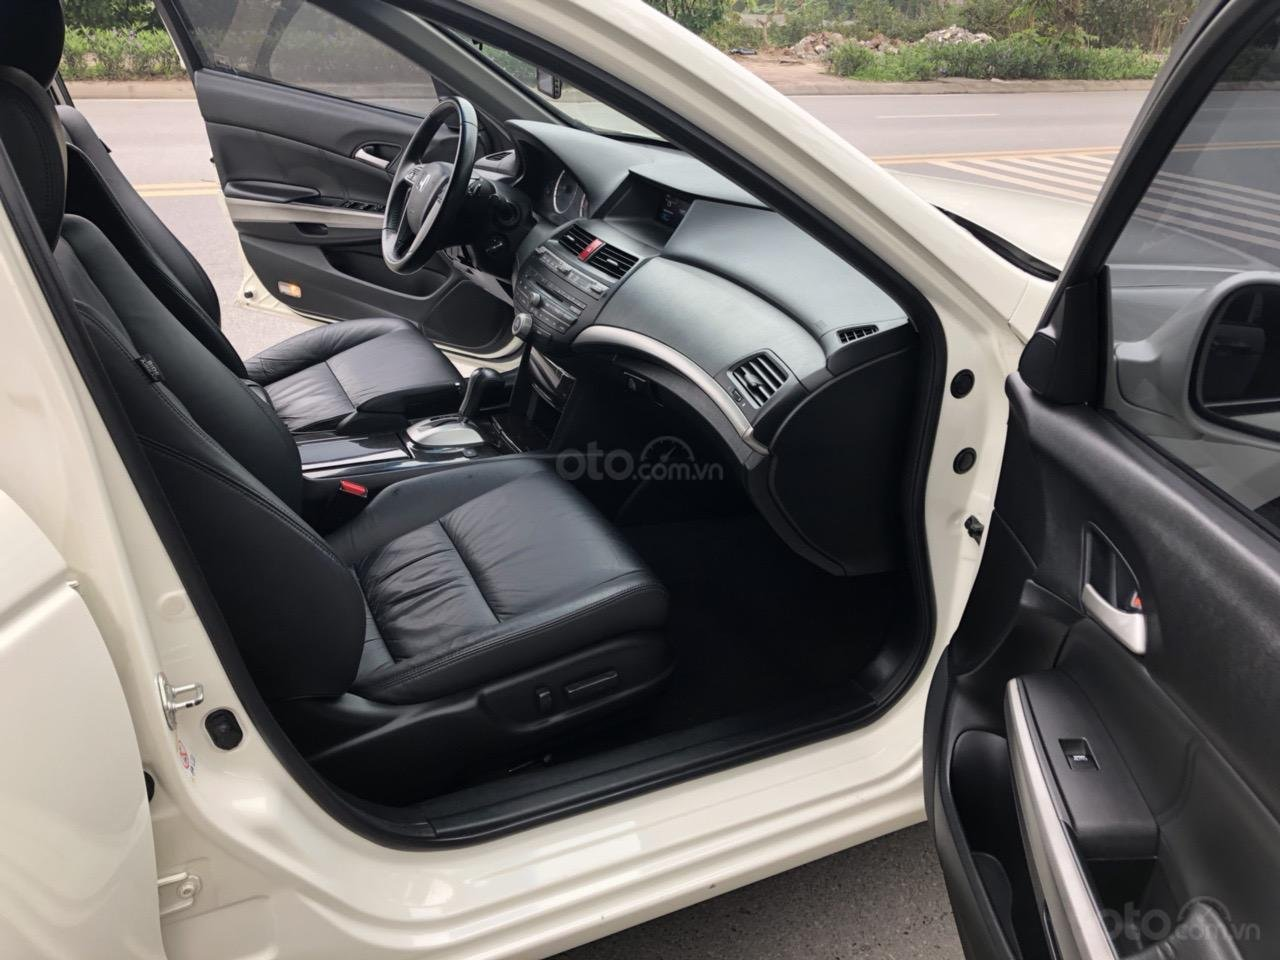 Bán Honda Accord 2.4S 2011 xe nhập, đẹp đến từng milimet, thật đấy-5